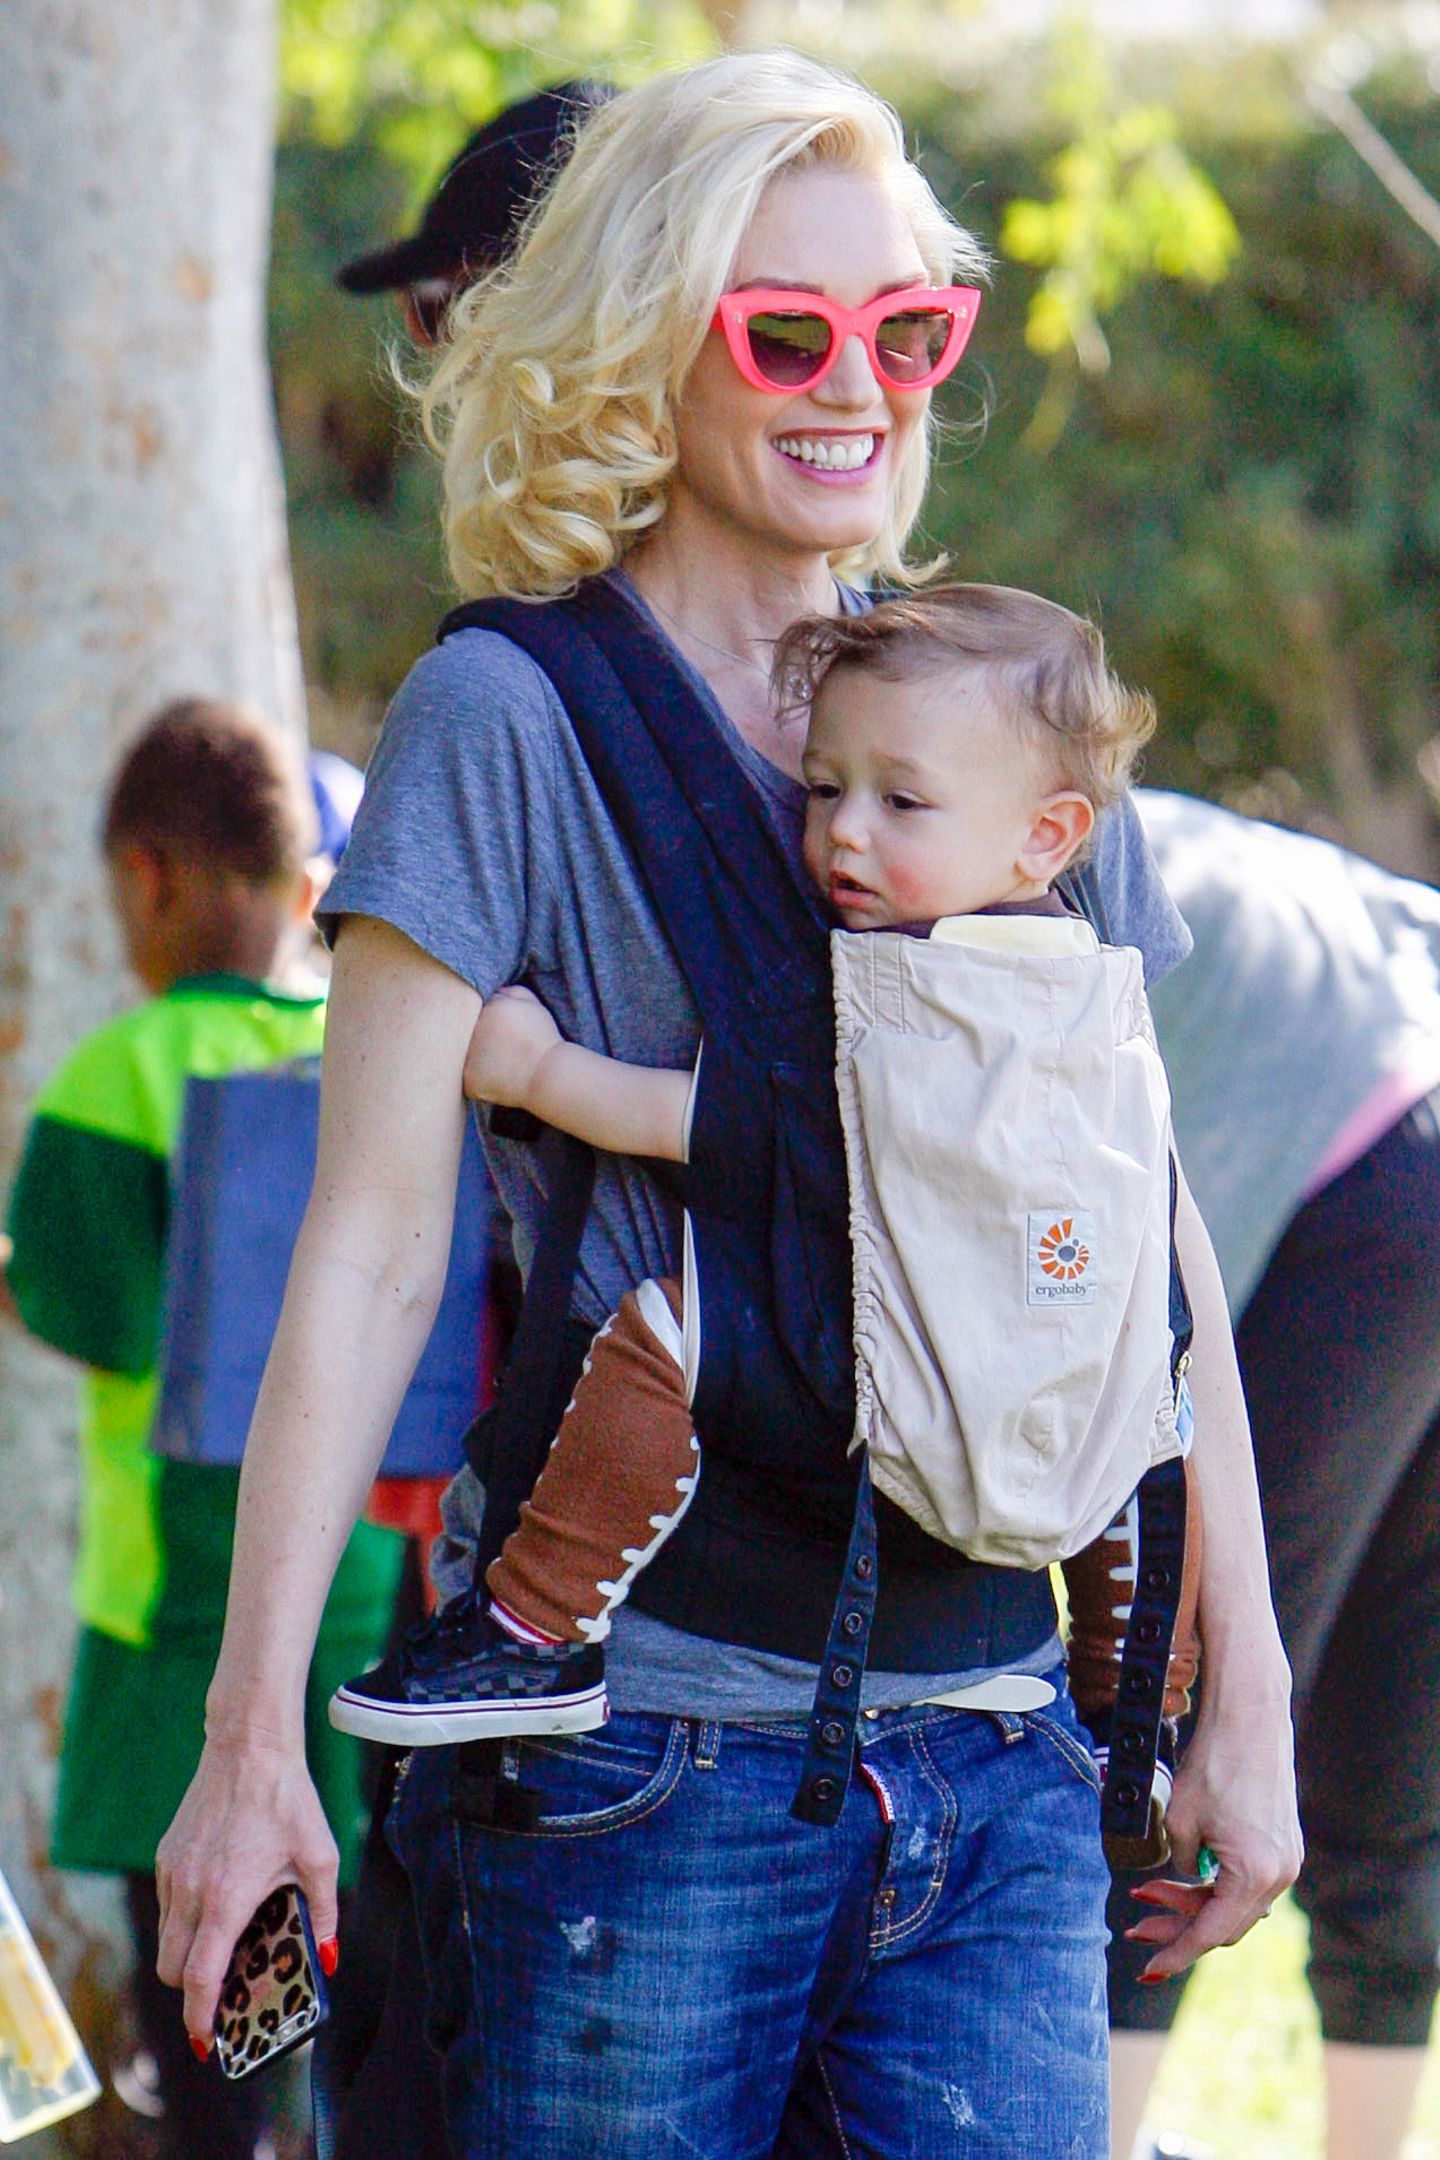 7. März 2015   Den jüngsten Sohn Apollo in der Bauchtrage und eine pinke Sonnenbrille auf der Nase genießt Gwen Stefani die warmen Sonnenstrahlen im Park.